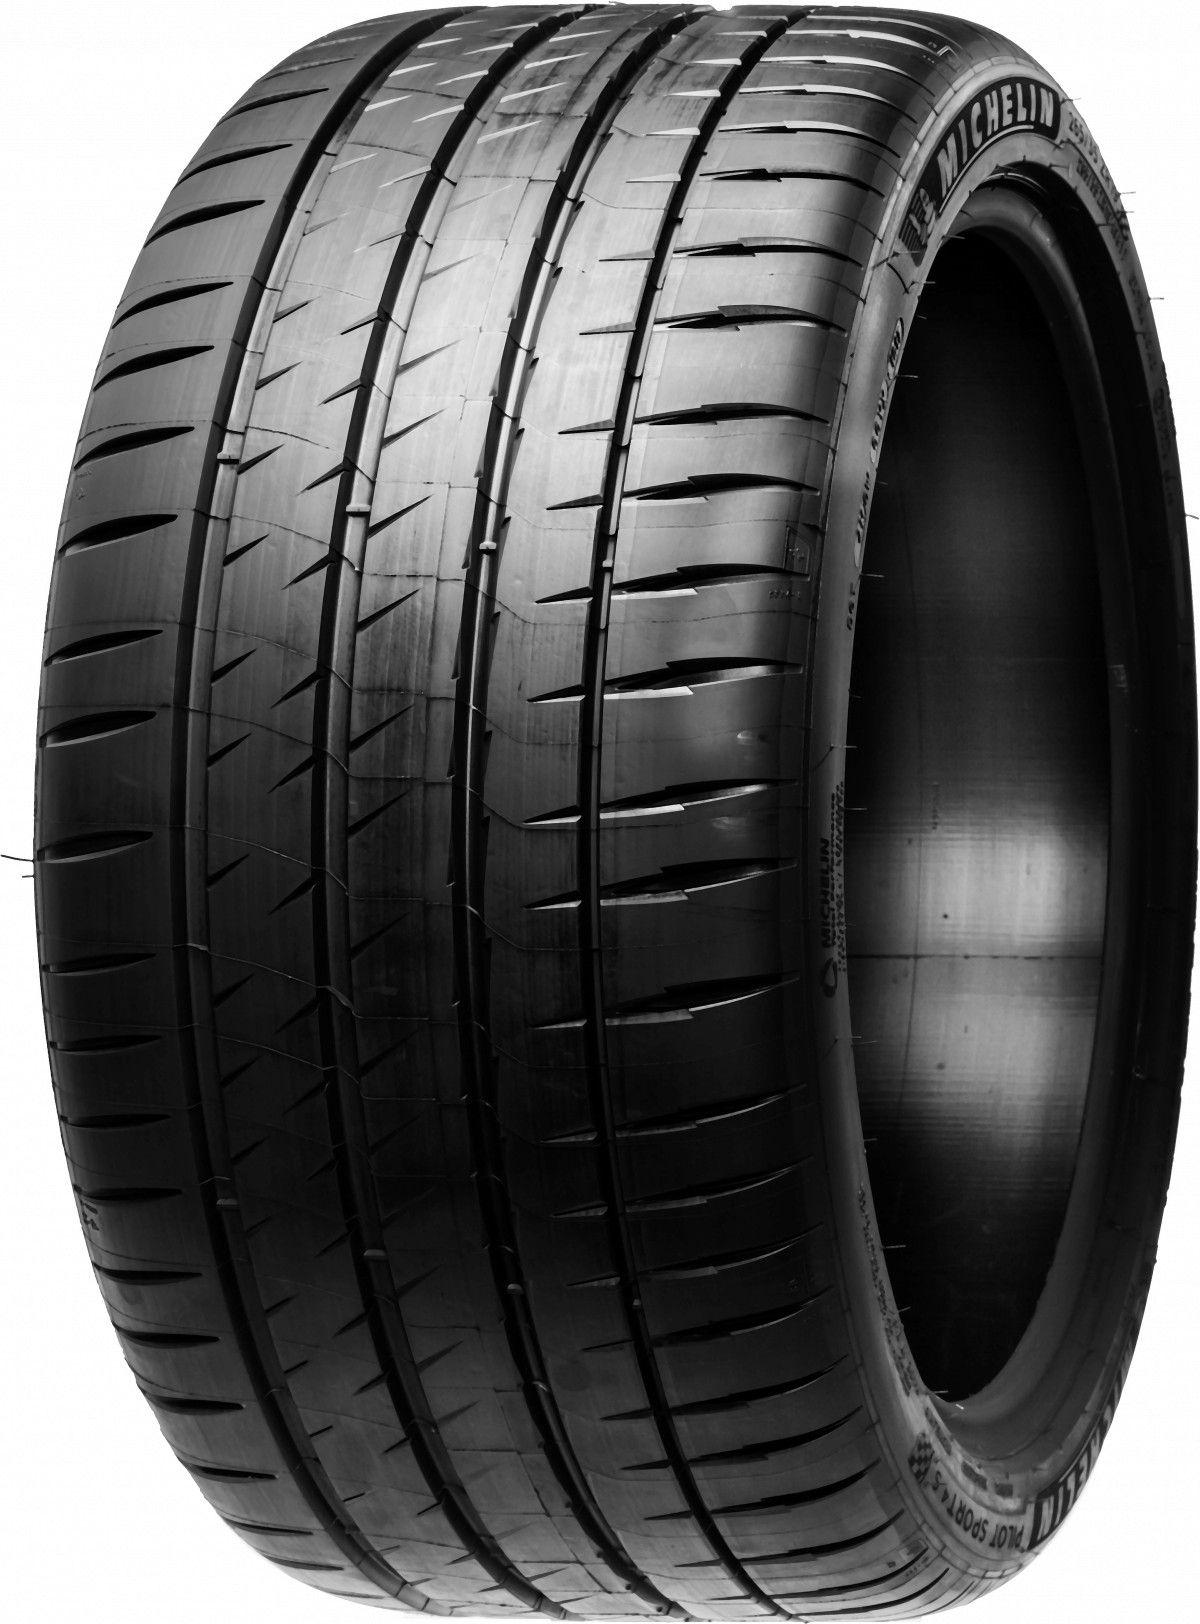 Michelin Pilot Sport 4S EL 255/35 ZR20(97 Y) (Z)